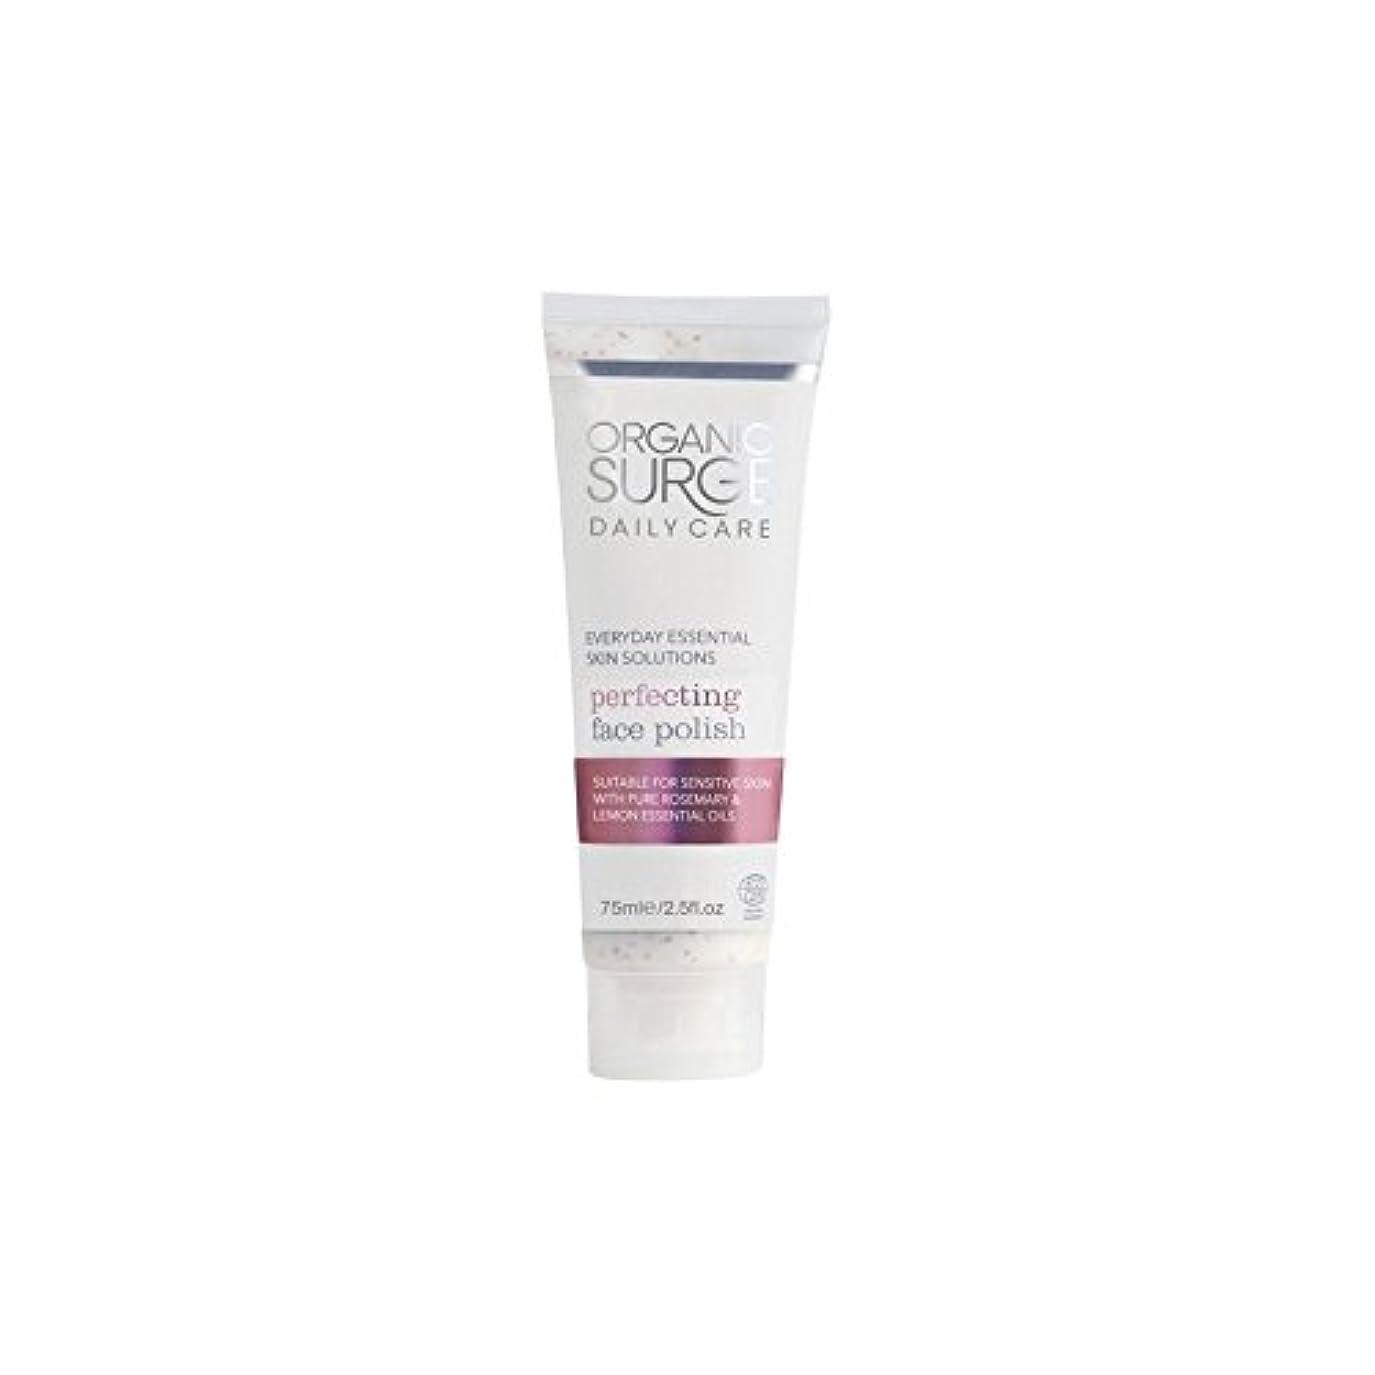 ホーン兵隊狂気面研磨を完成有機サージ毎日のケア(75ミリリットル) x2 - Organic Surge Daily Care Perfecting Face Polish (75ml) (Pack of 2) [並行輸入品]